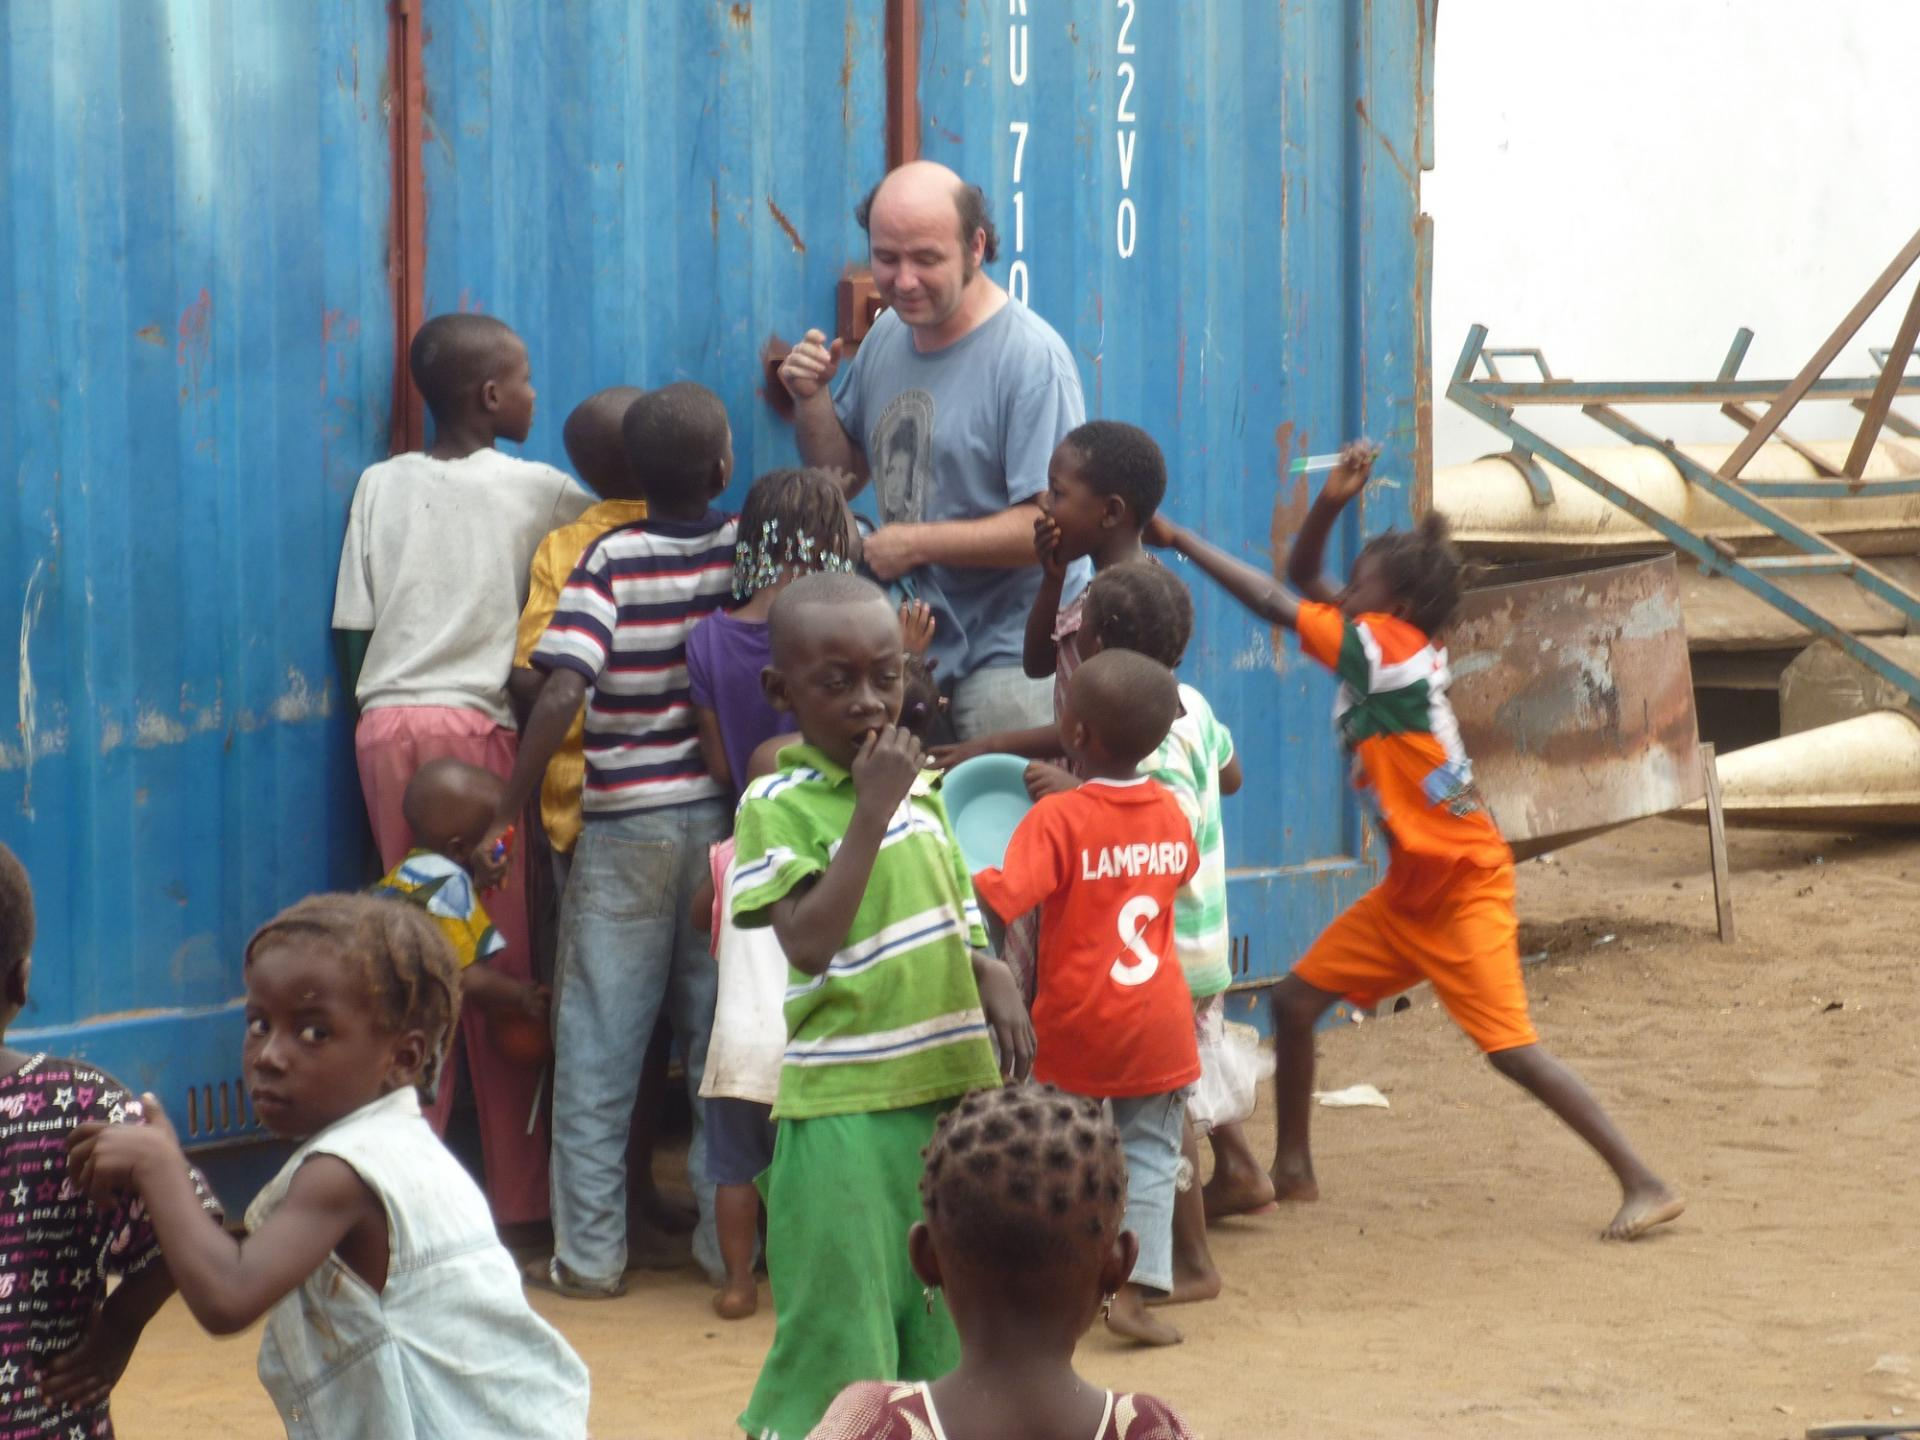 Juil aout c ivoire 2012 241a